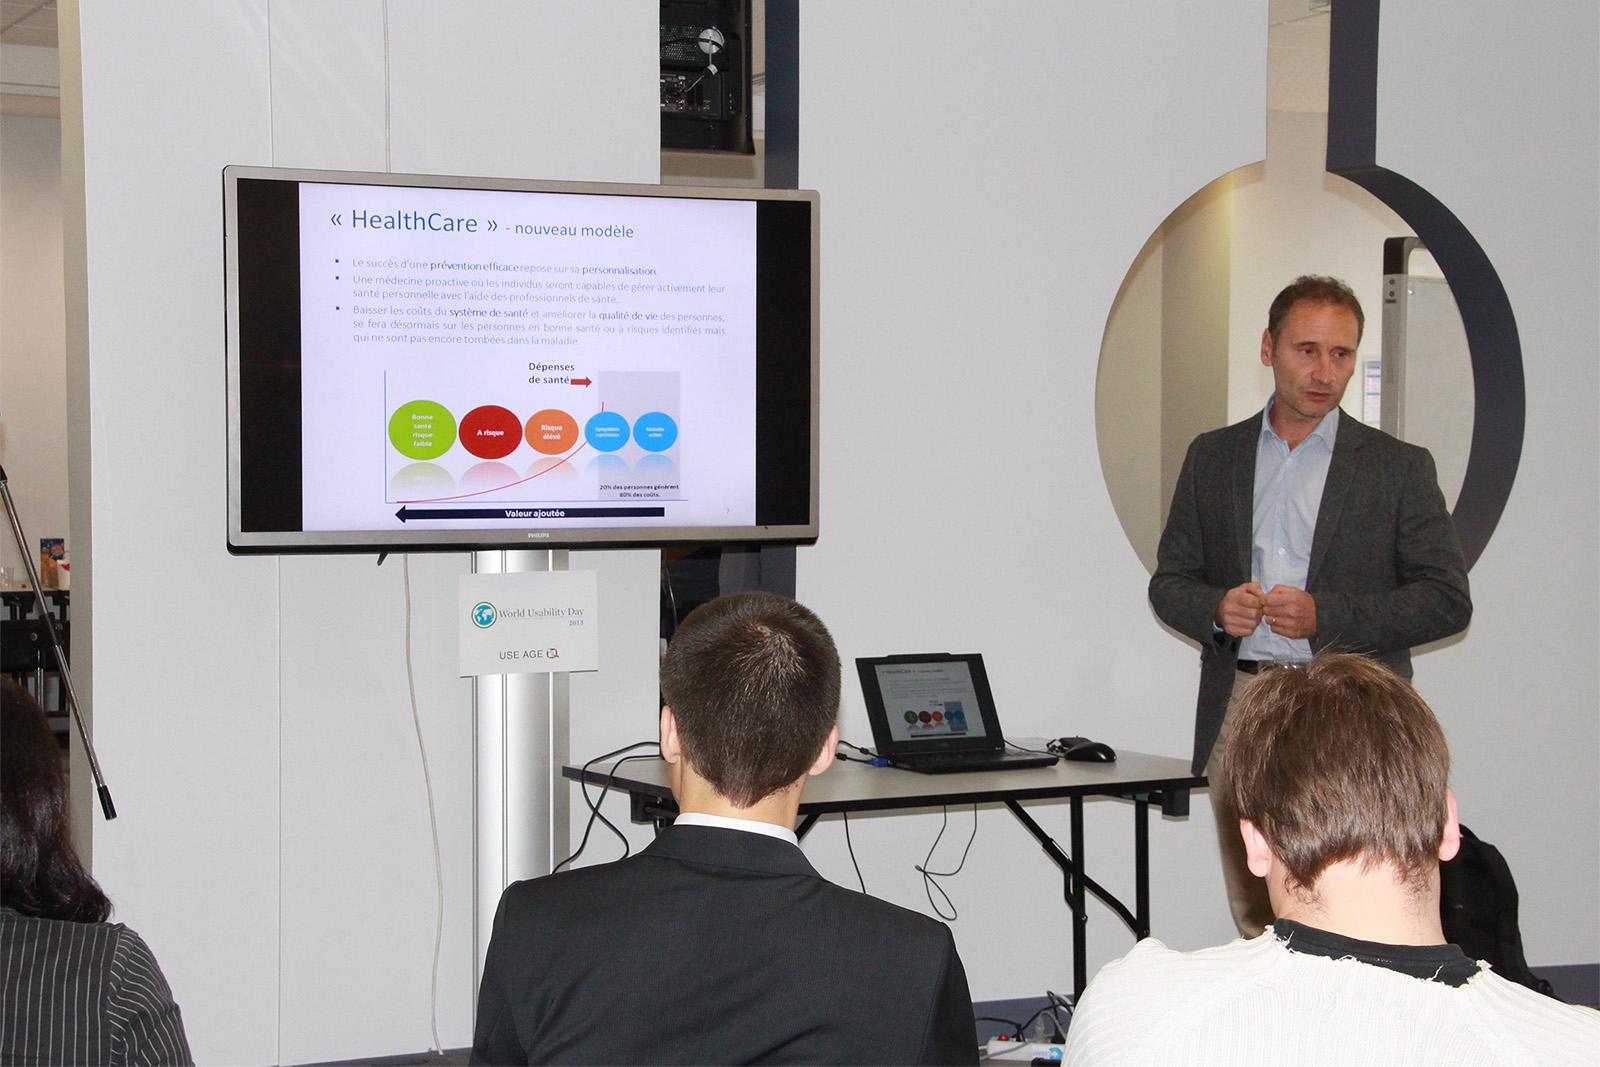 Fabrice Pakin : prévention personnalisée et engagement du patient via une interface ludique